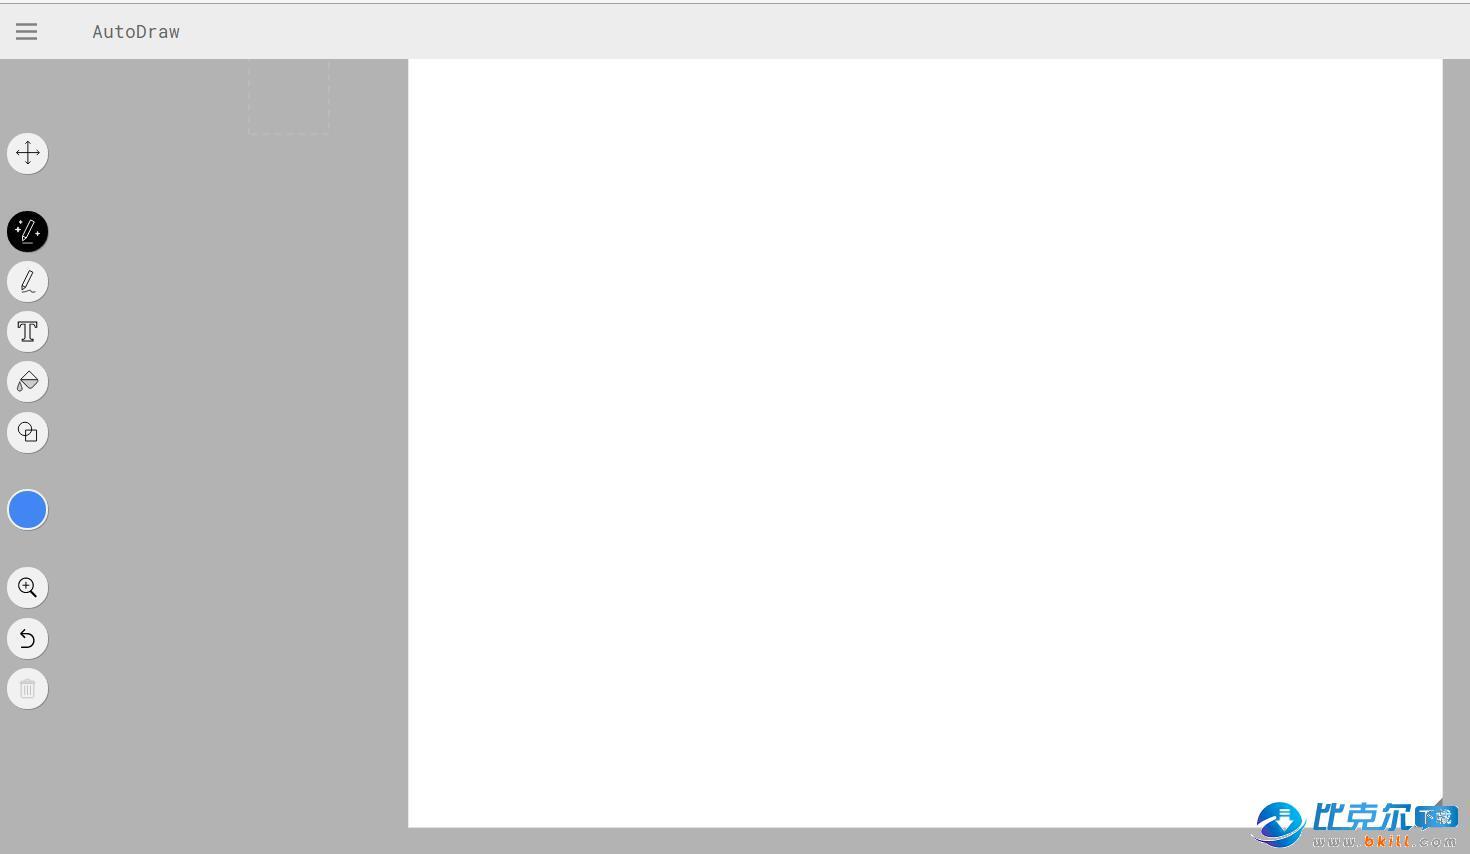 AutoDraw(谷歌智能画图工具)